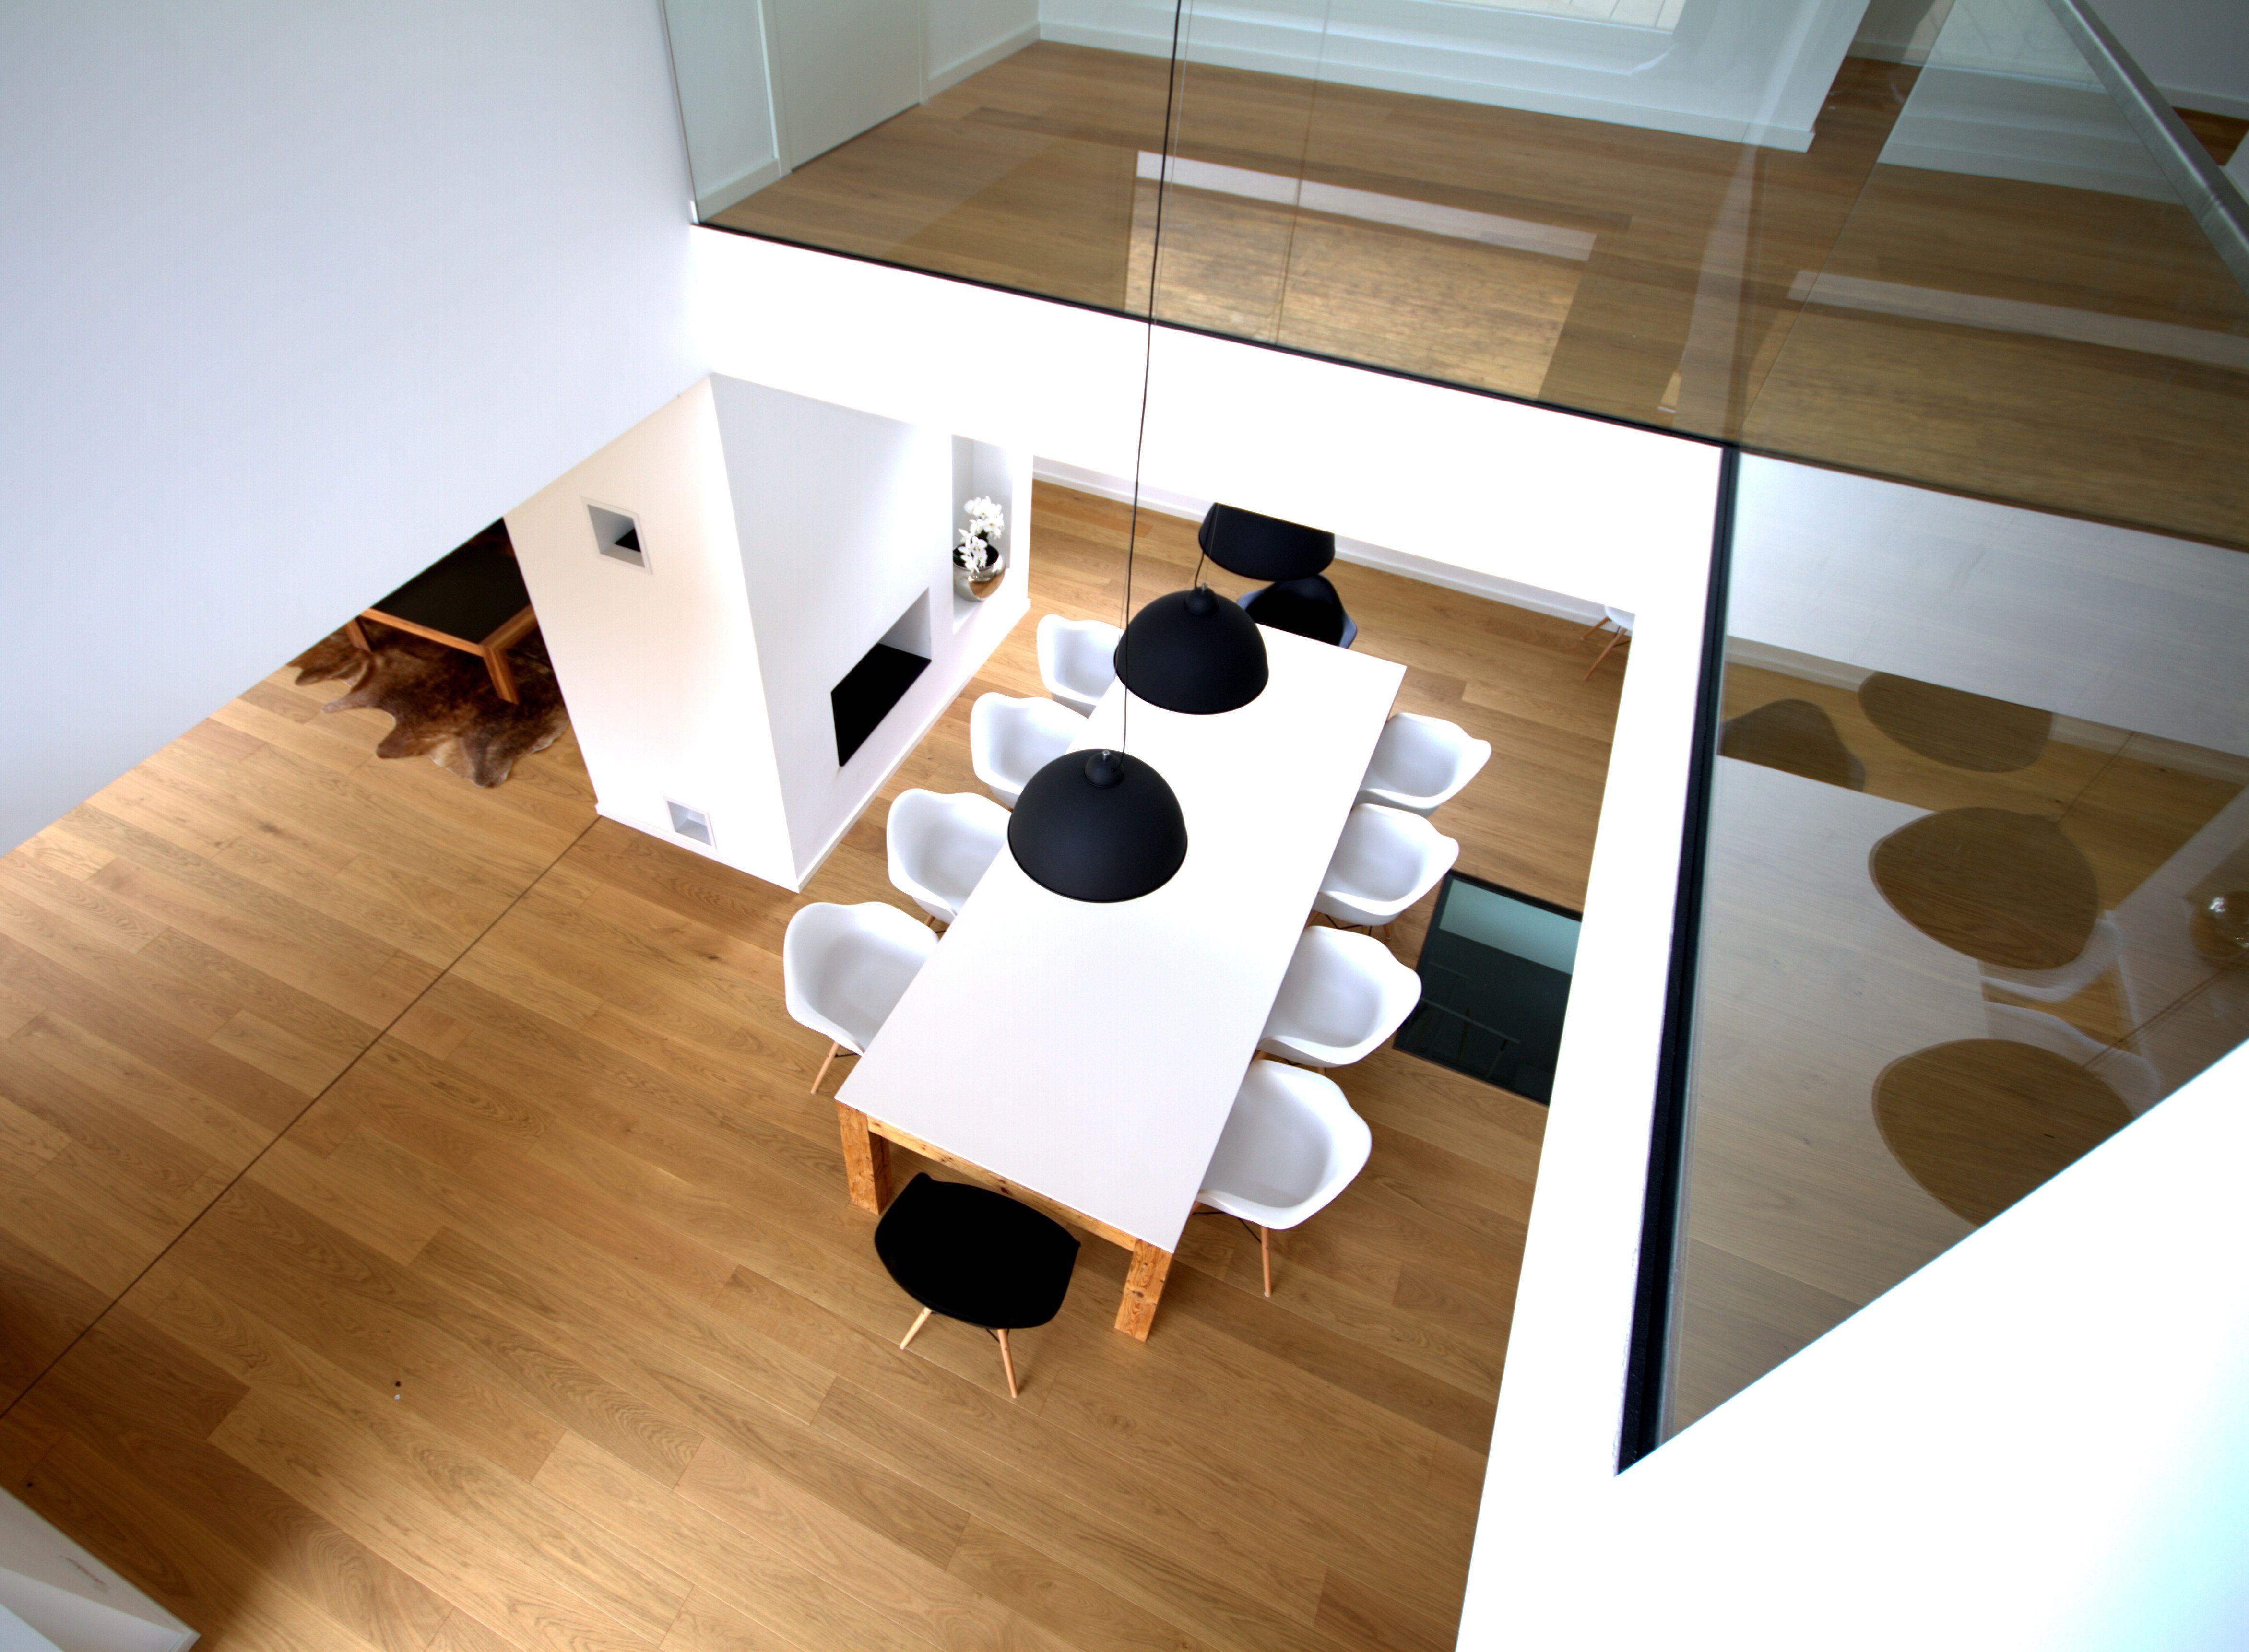 Esstisch Parkett Inkl Begehbarer Glasboden Galerie Inkl Glasgelander Und Couchtisch Aus Nussbaum Massivholz Innenausbau Glasboden Wohnen Und Leben